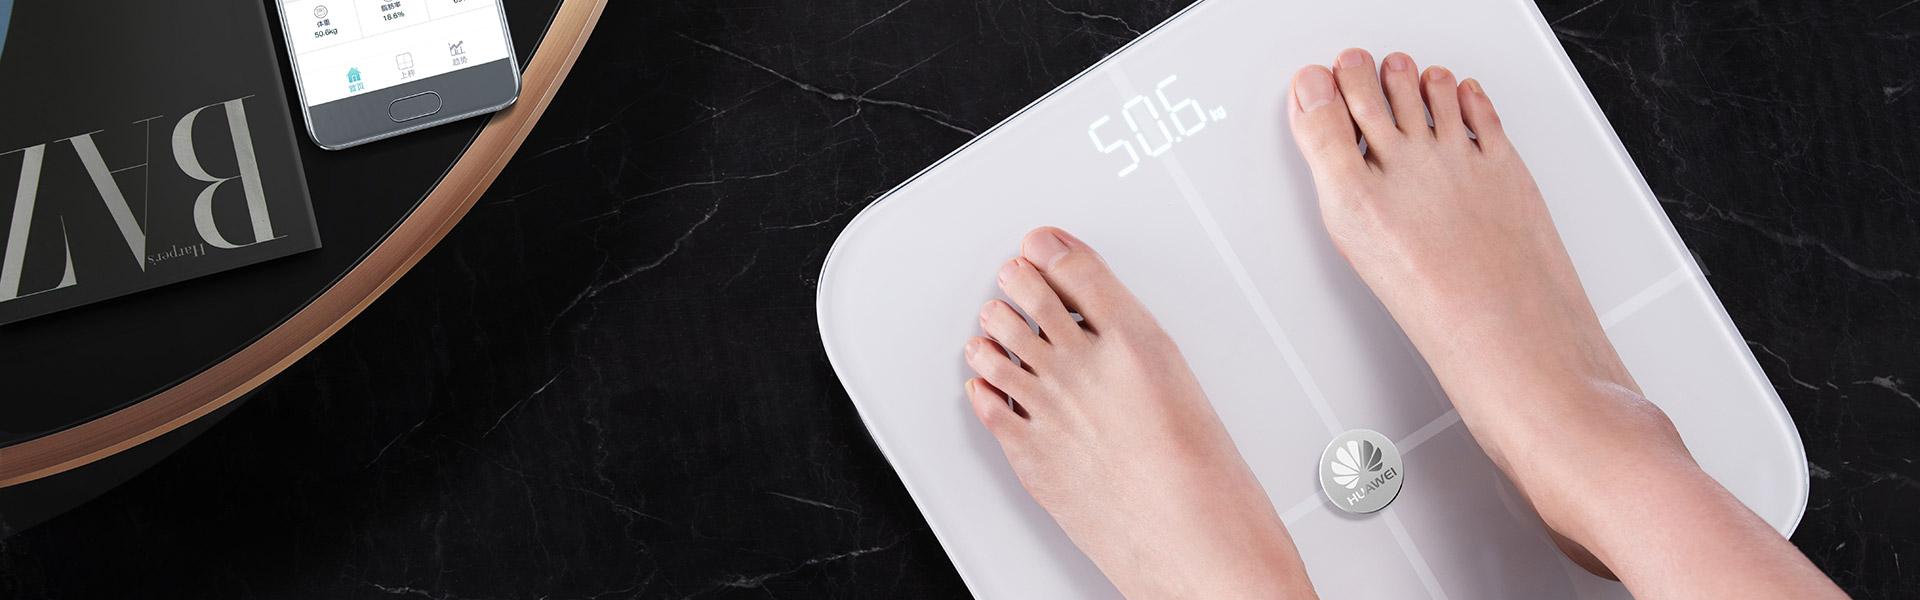 Podgląd masy ciała i zawartości tkanki tłuszczowej w trybie offline